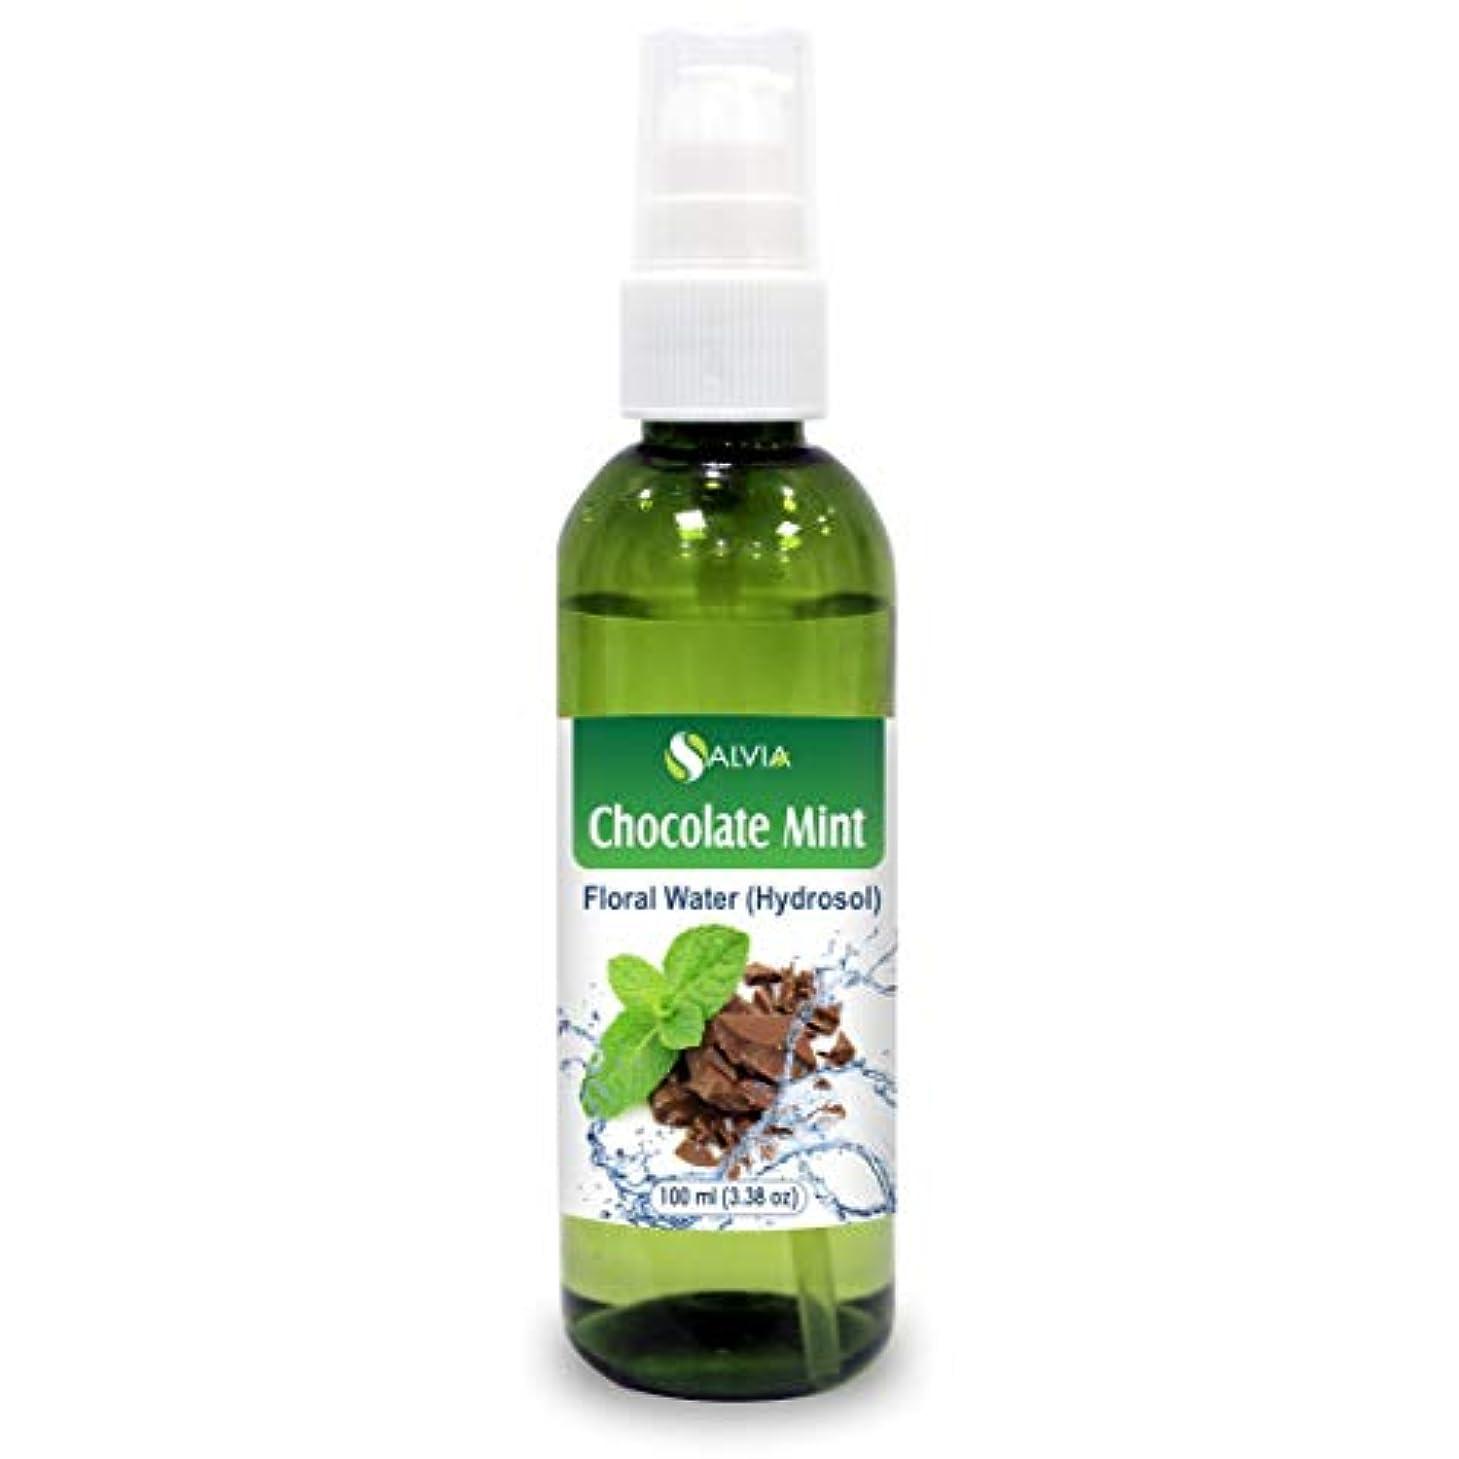 ファーザーファージュ混乱モーターChocolate Mint Floral Water 100ml (Hydrosol) 100% Pure And Natural